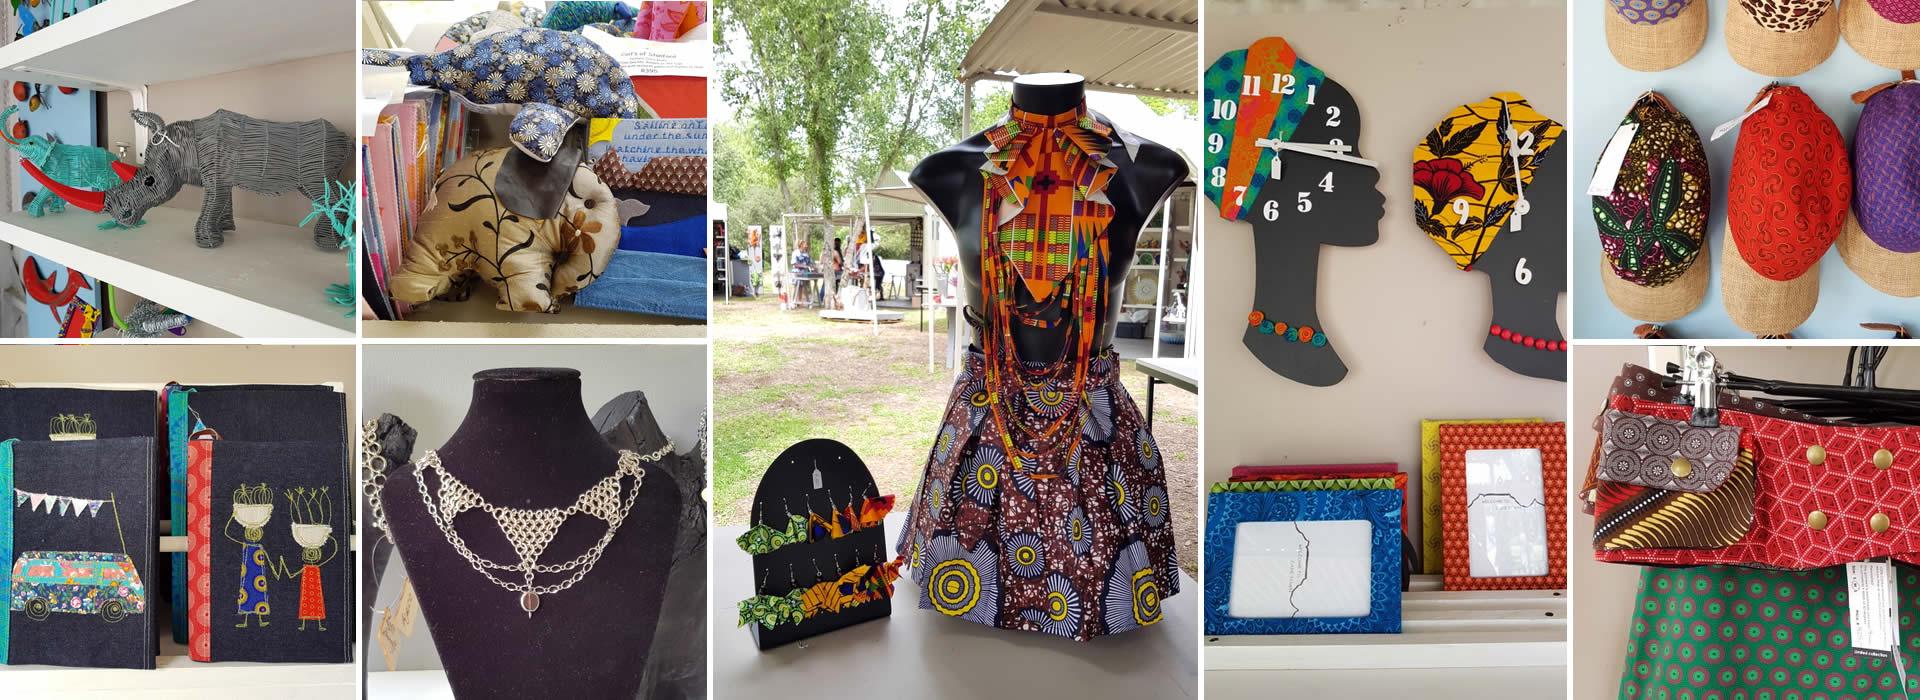 Spier Craft Art Market 2019